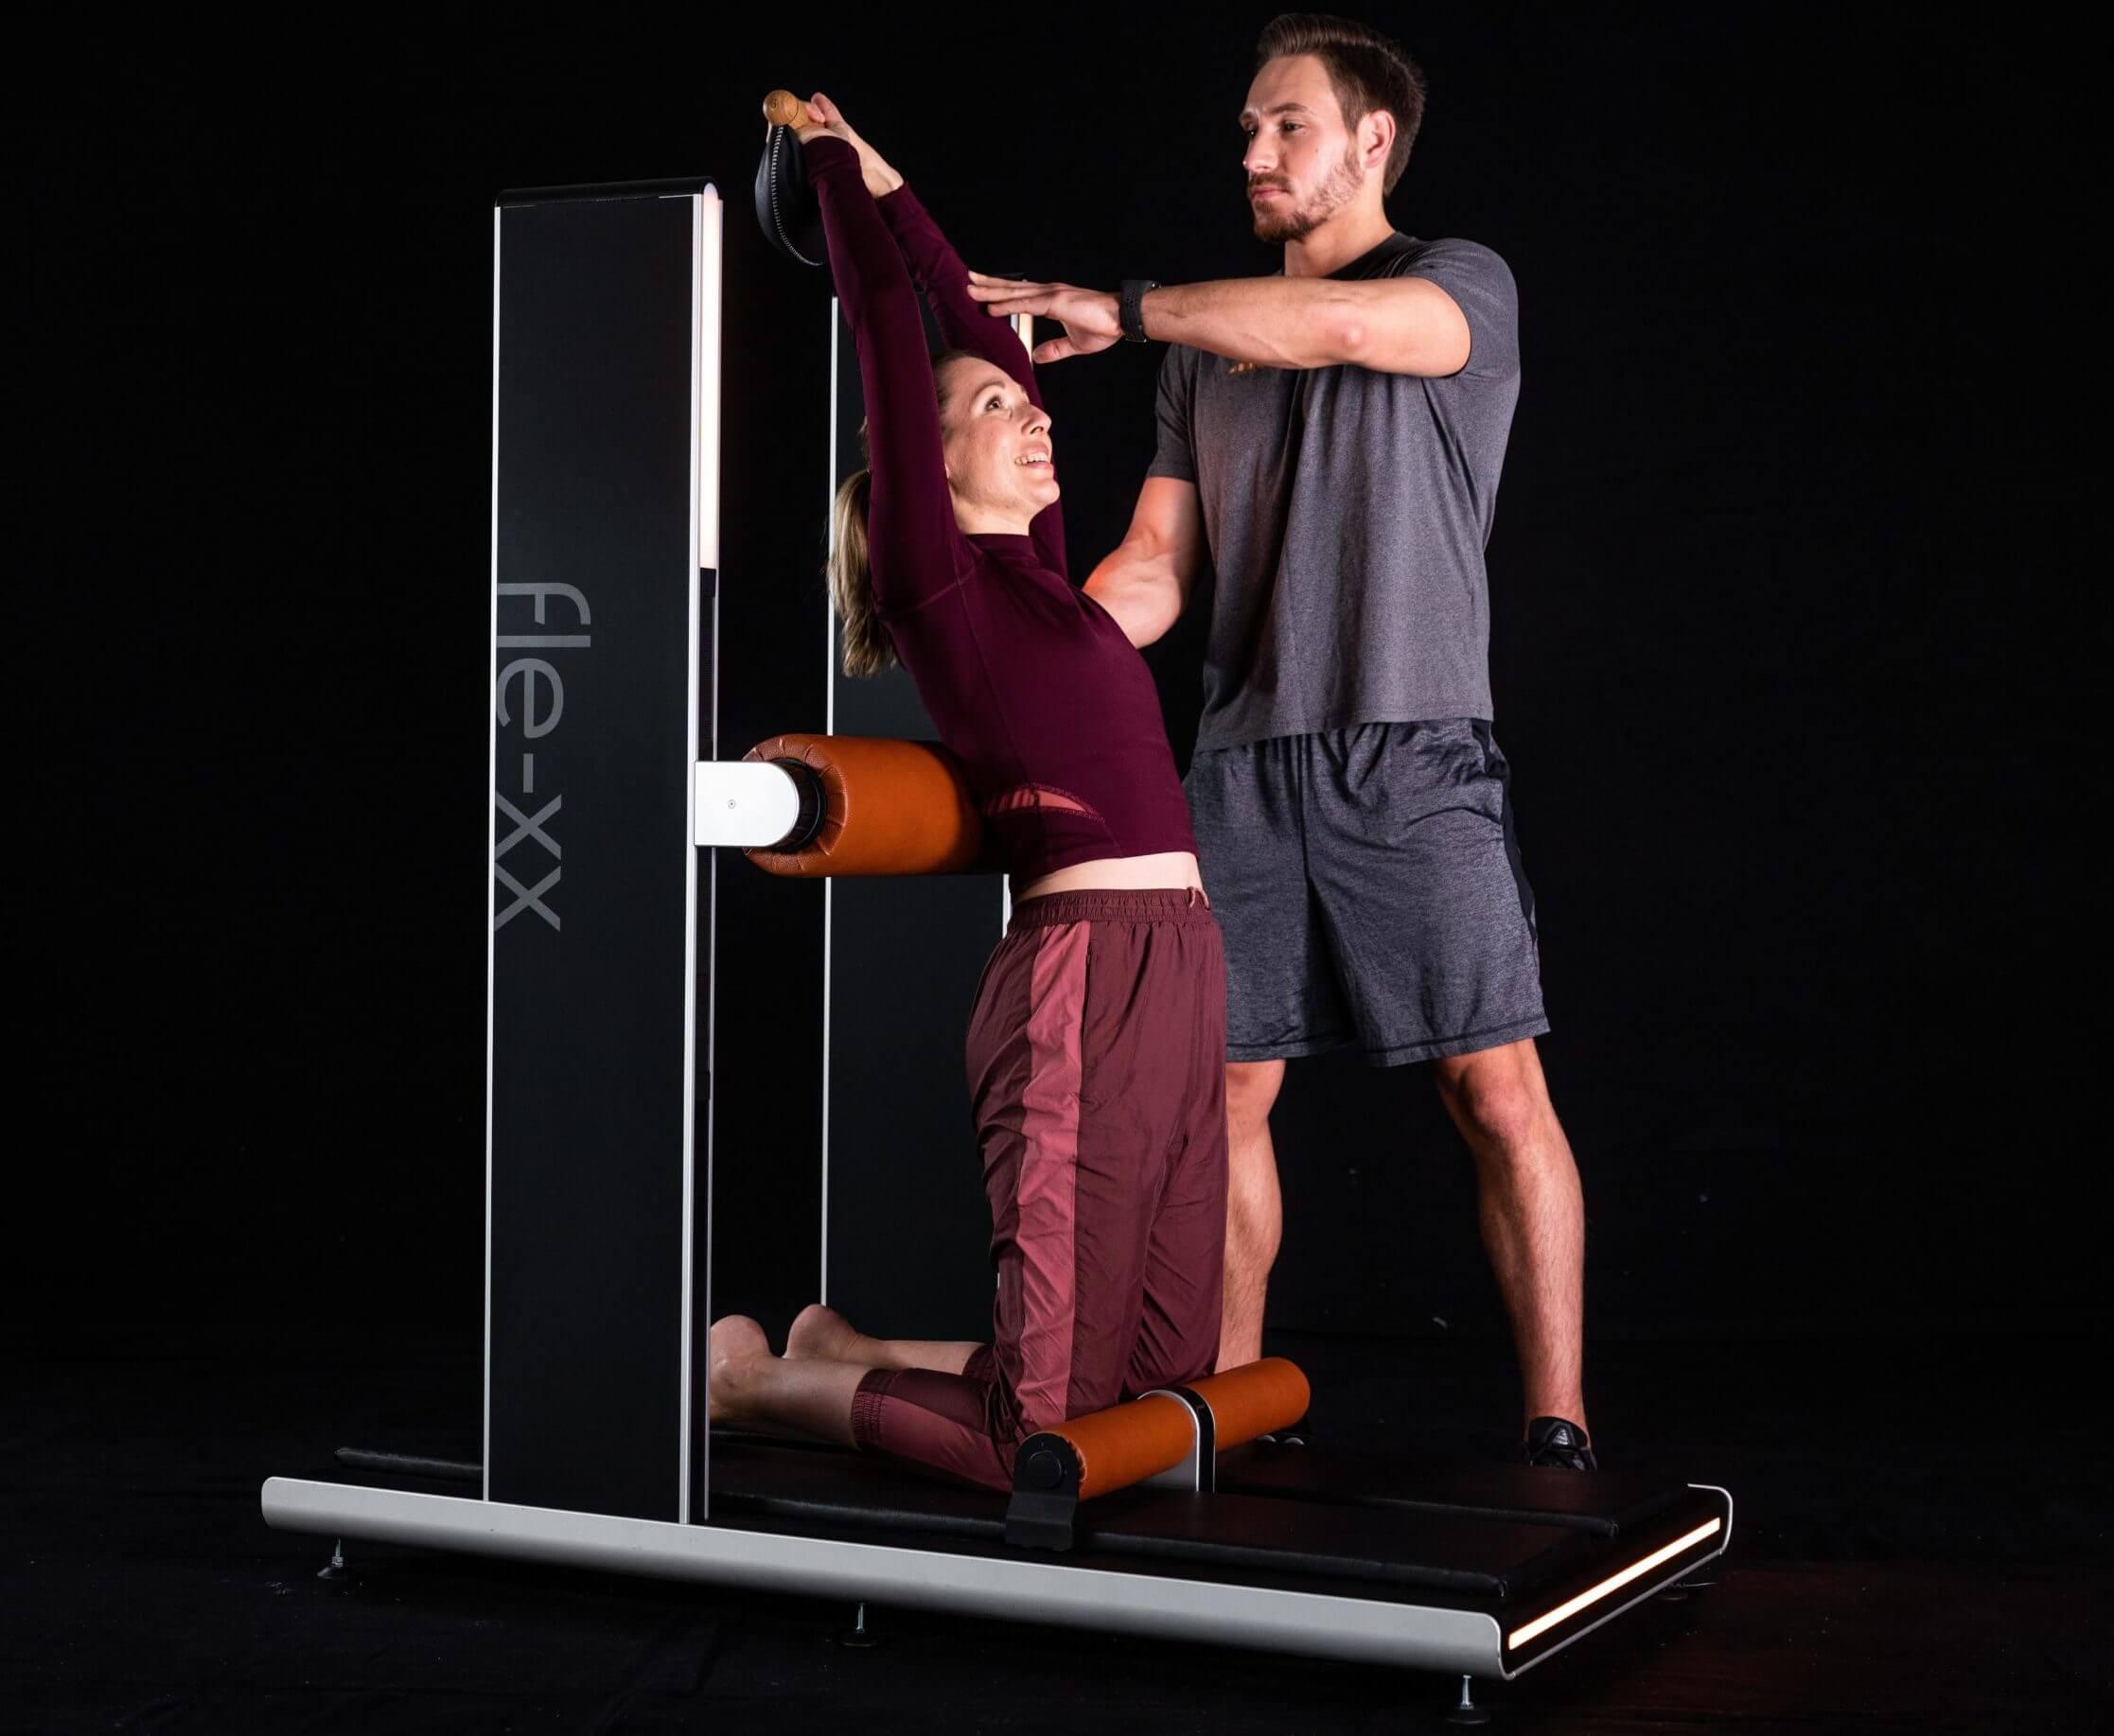 Flexx Fitness Sindelfingen